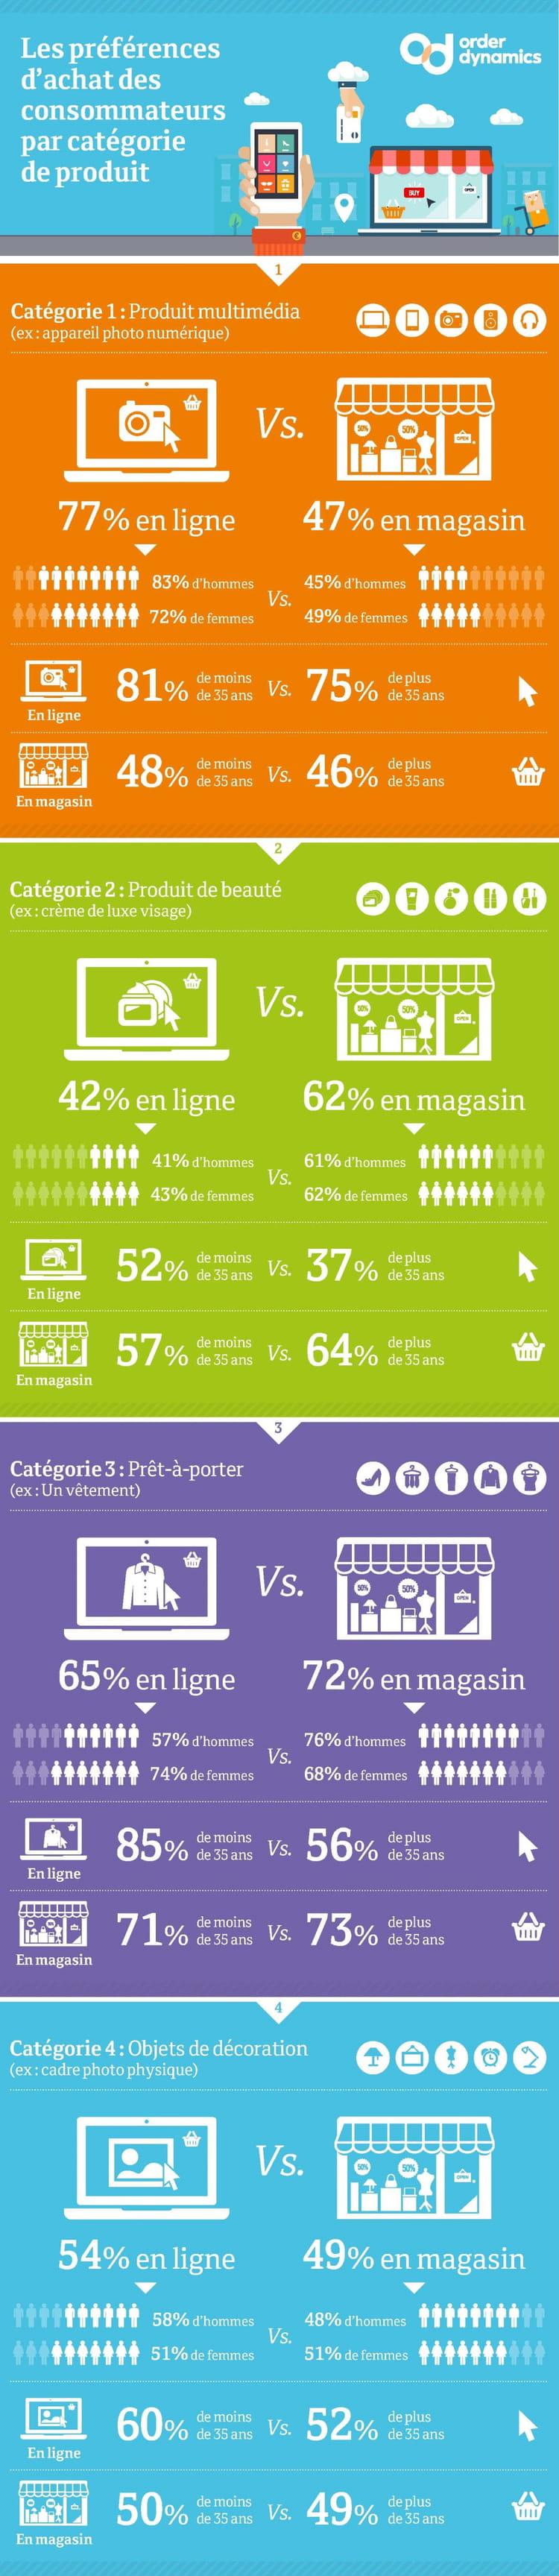 infographie   qui ach u00e8te quoi et sur quel canal